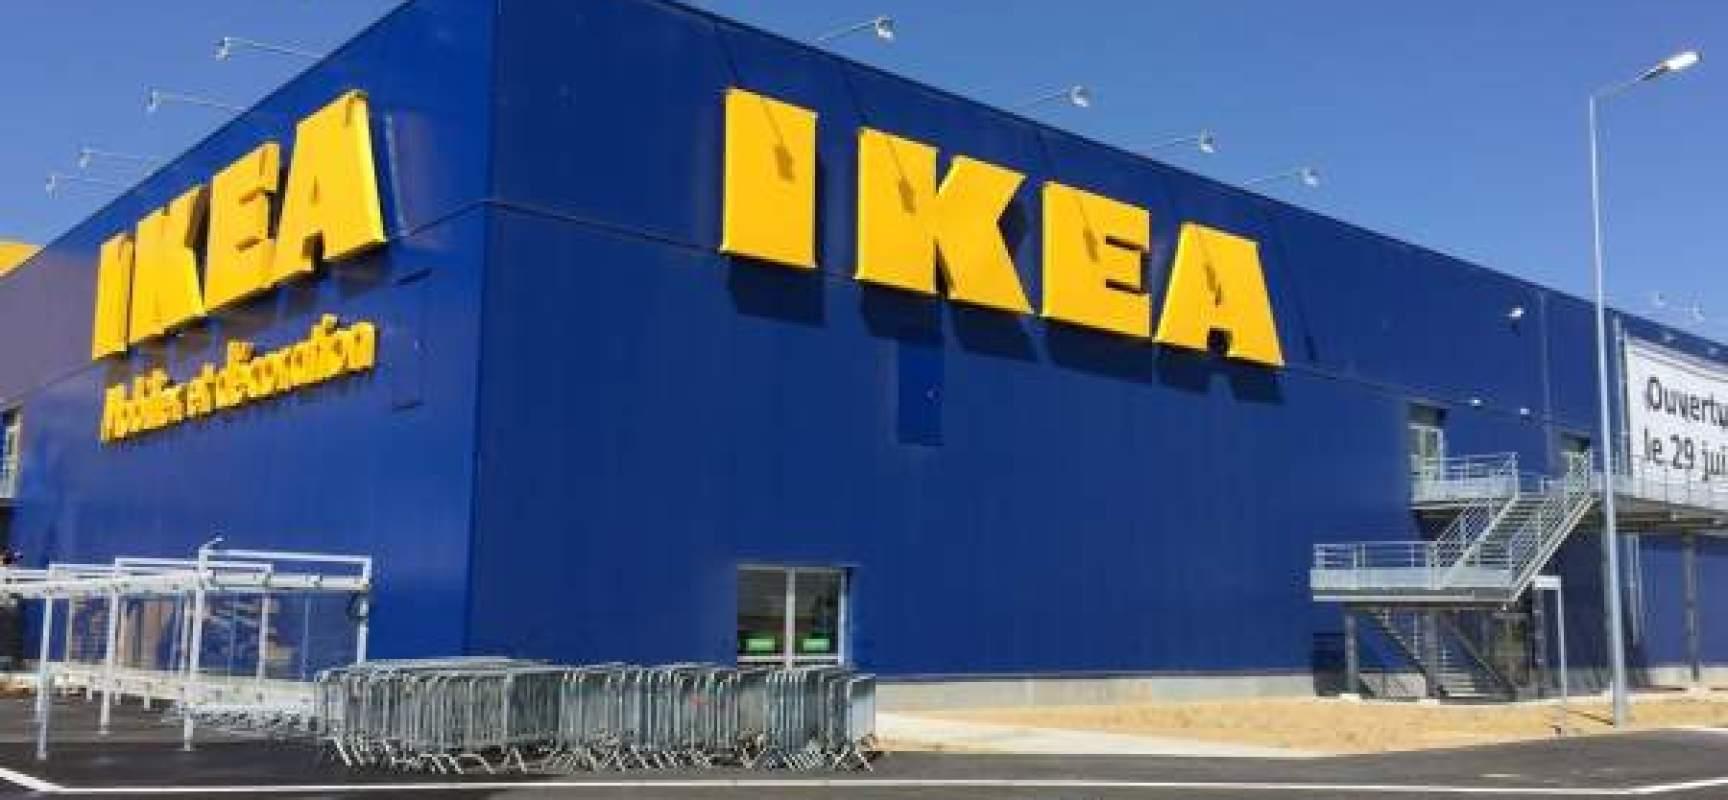 Ikea richiama i cancelletti patrull rischio caduta dalle scale per i bambini verde azzurro - Ikea cancelletti per bambini ...